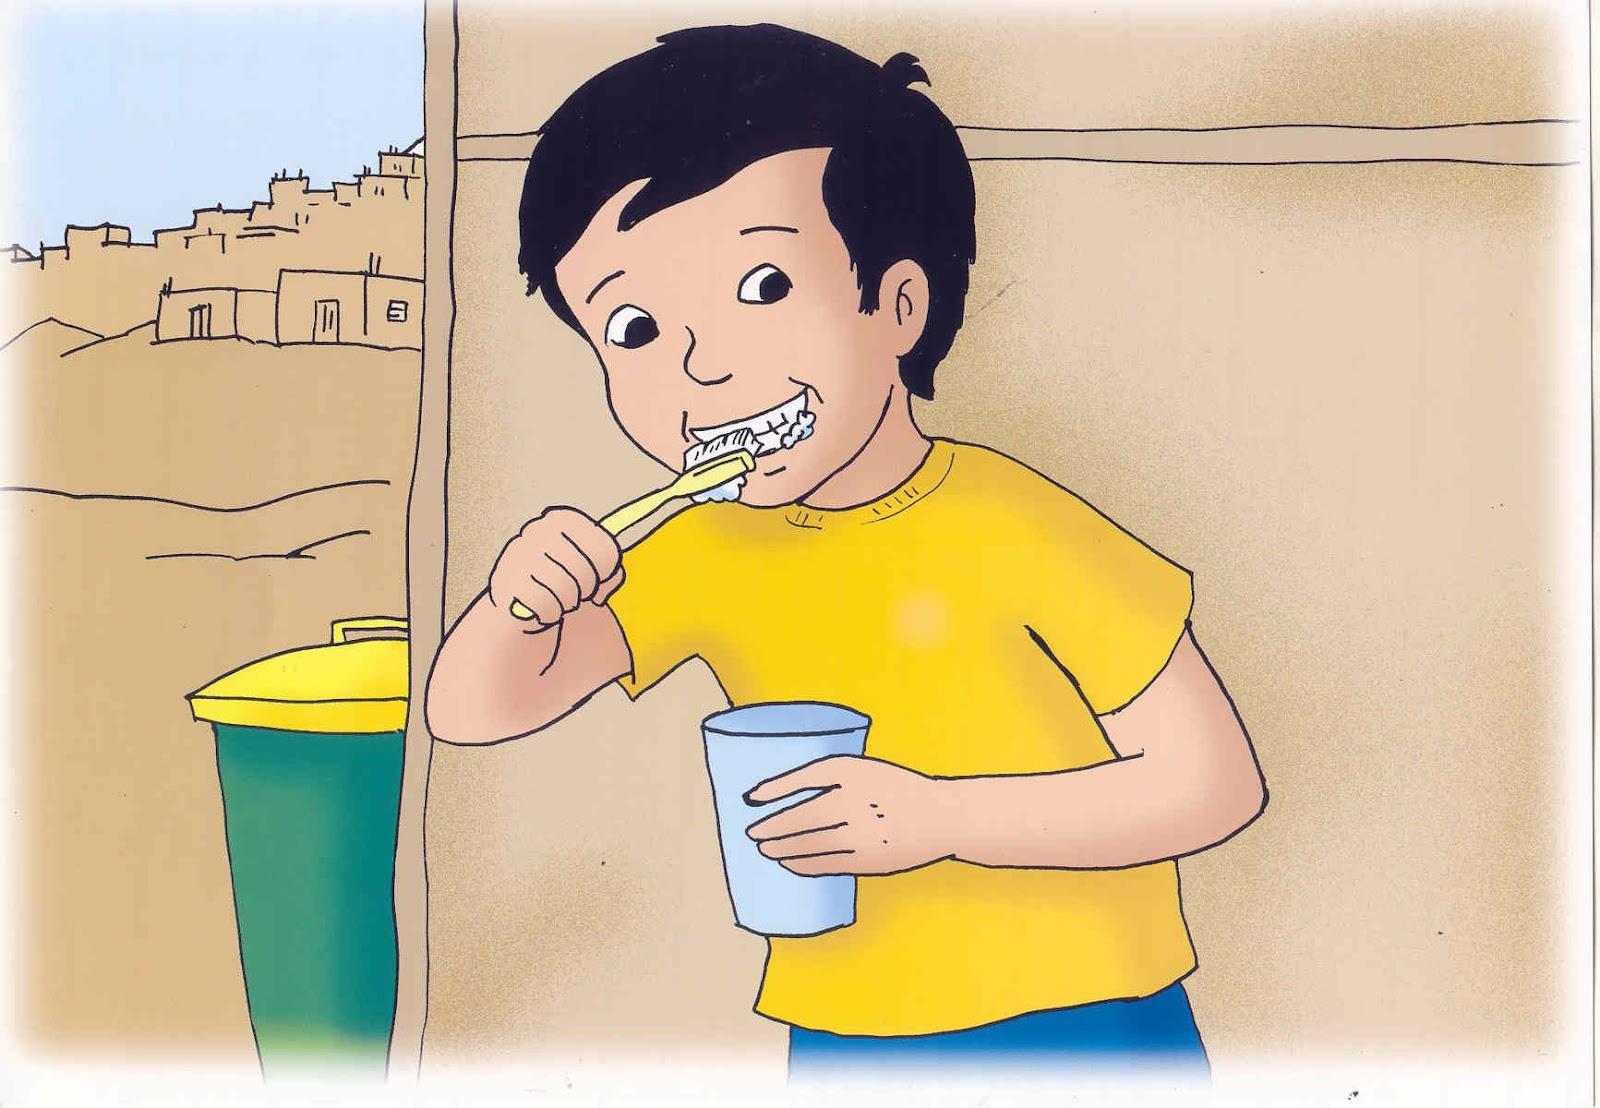 Risitas aprendiendo a ahorrar el agua for Objetos para banarse